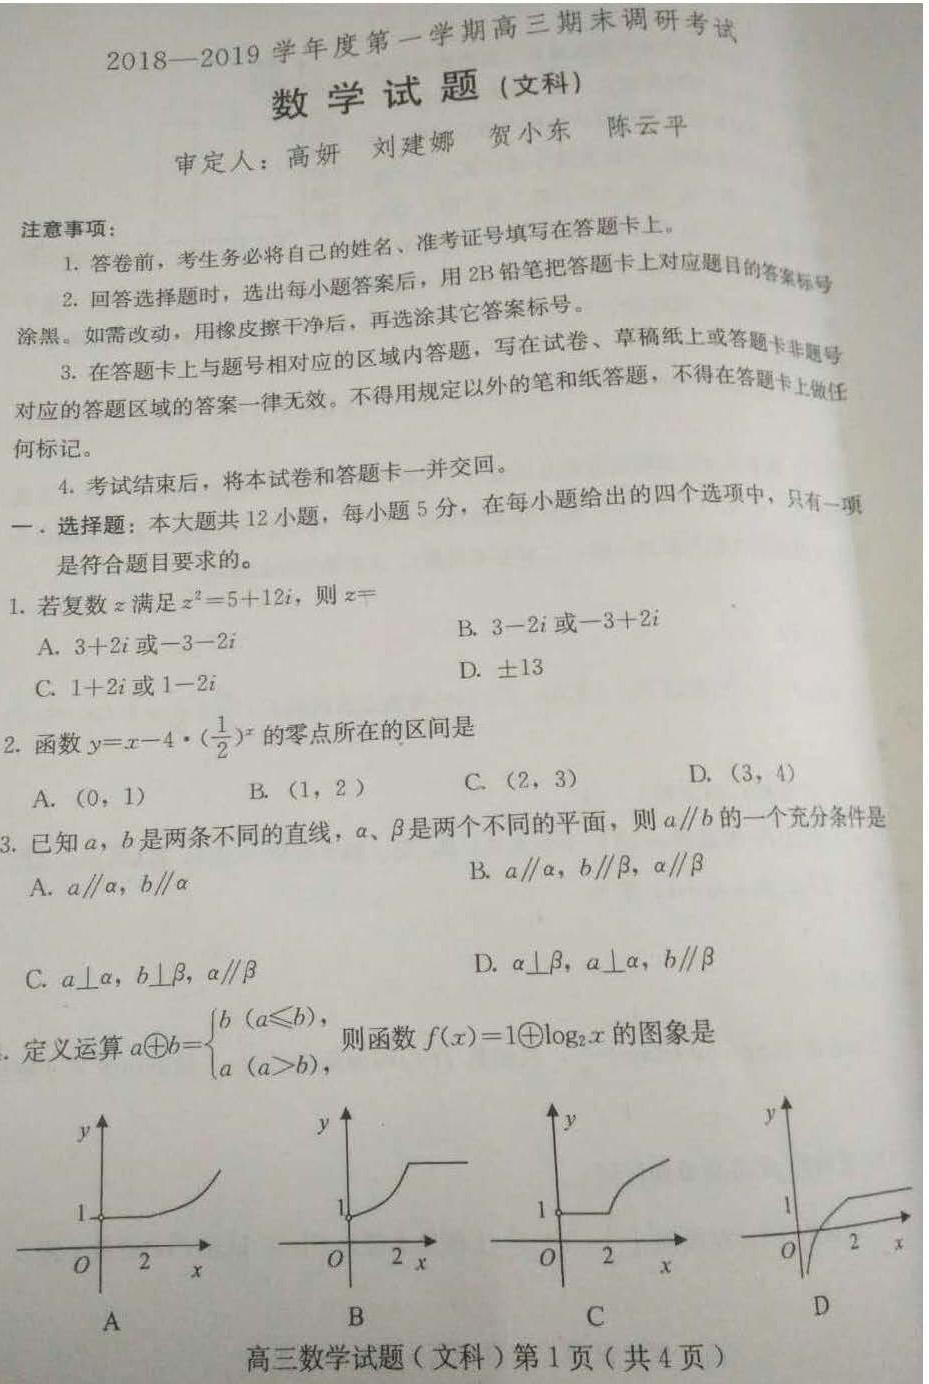 2019河北保定高三期末调研数学试卷及答案